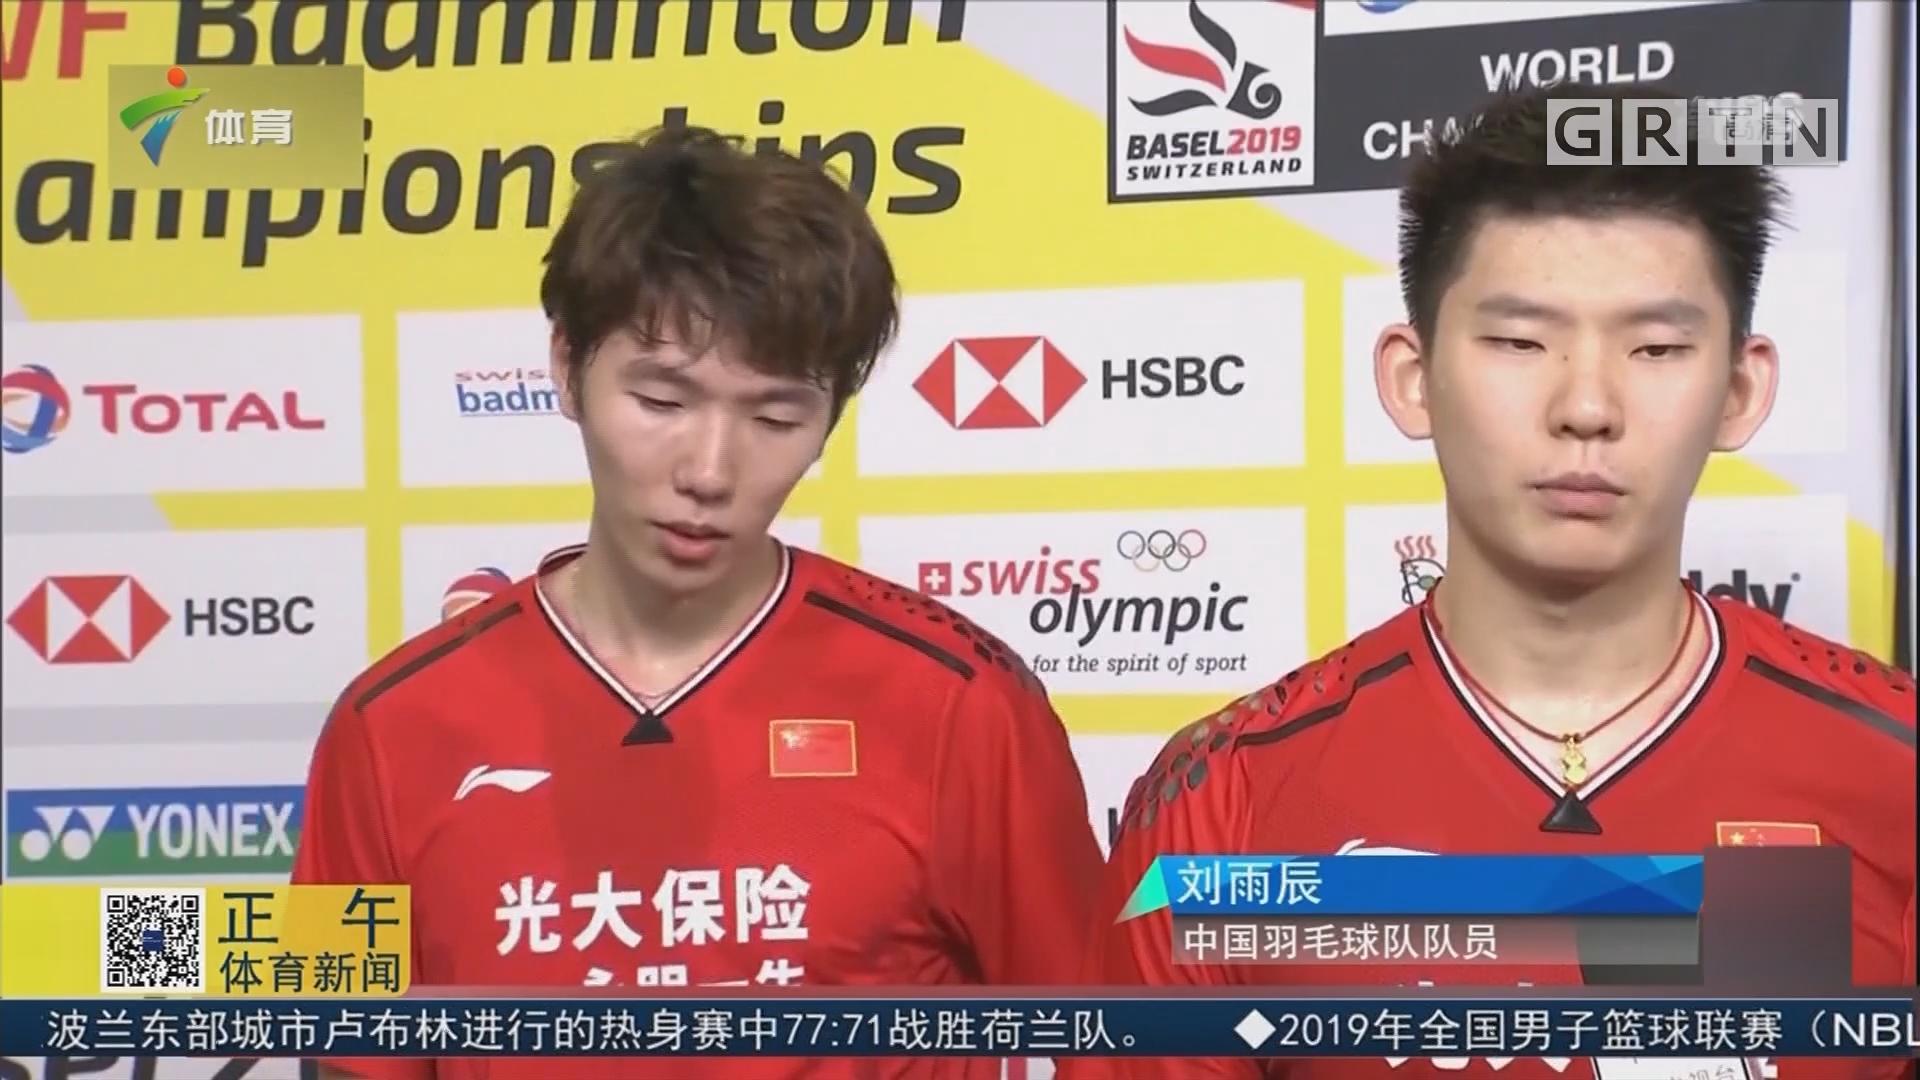 羽毛球世锦赛 双打赛场 中国队大获全胜